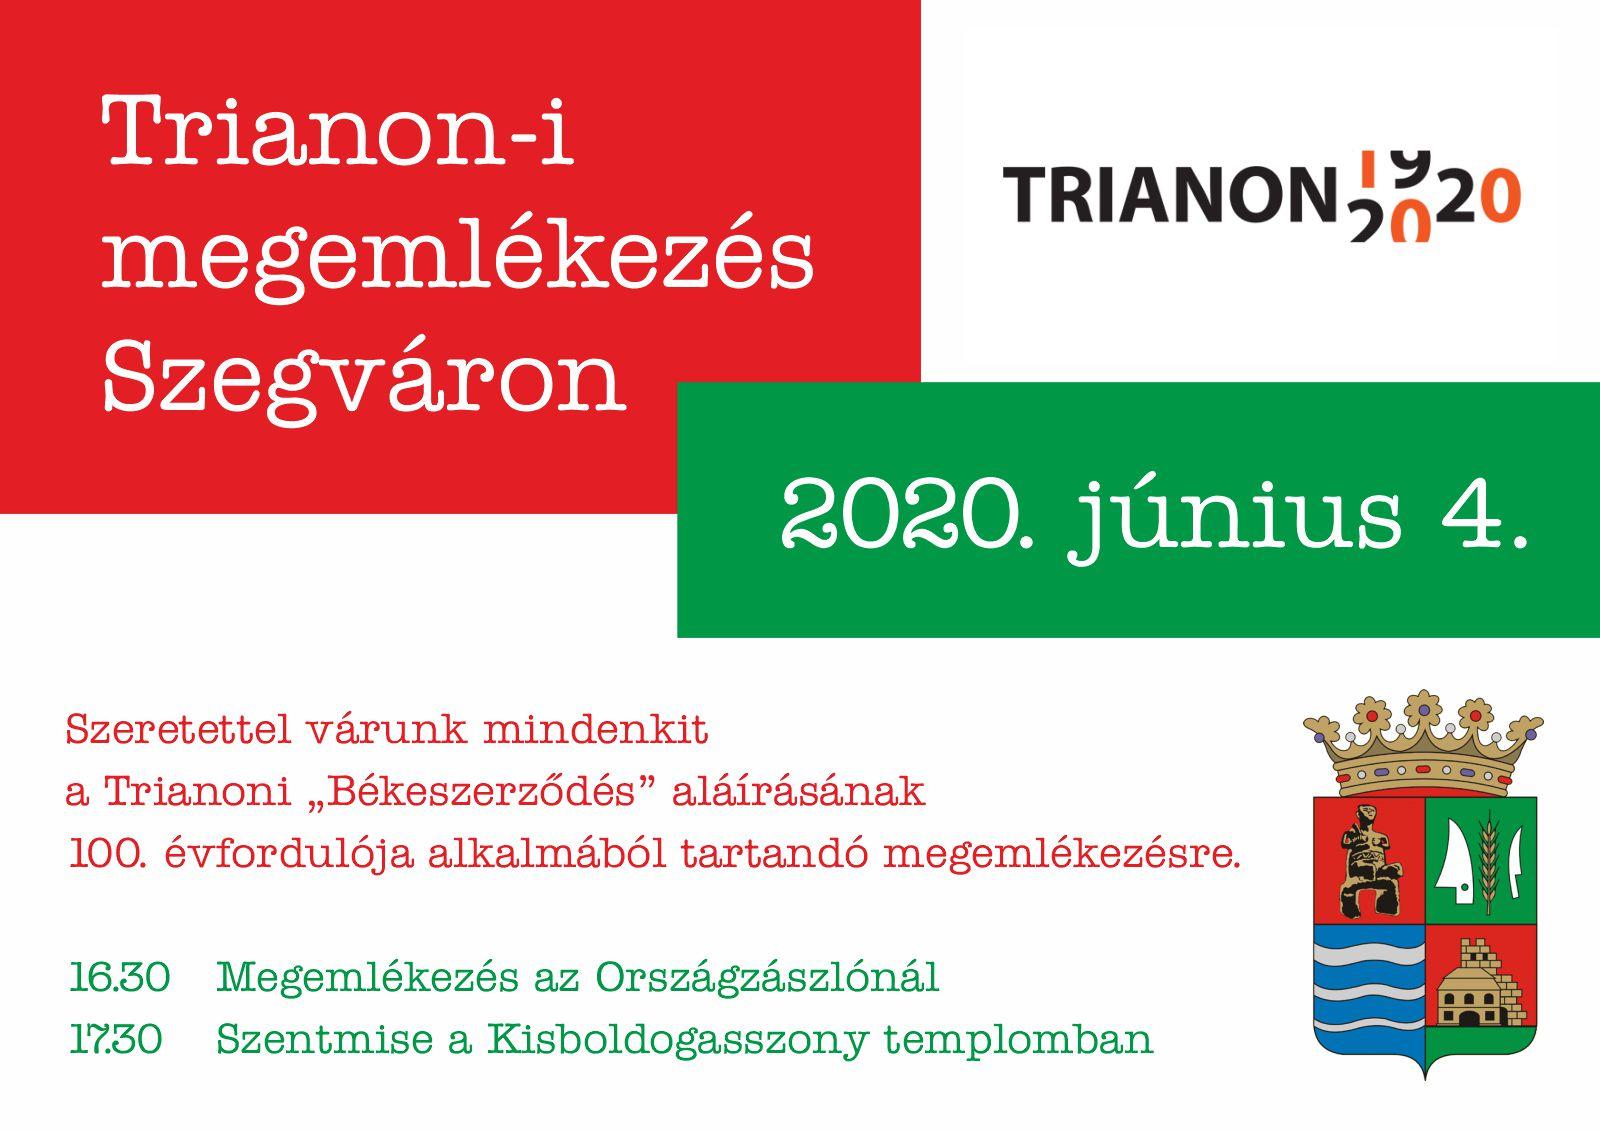 Trianon-i megemlékezés Szegváron